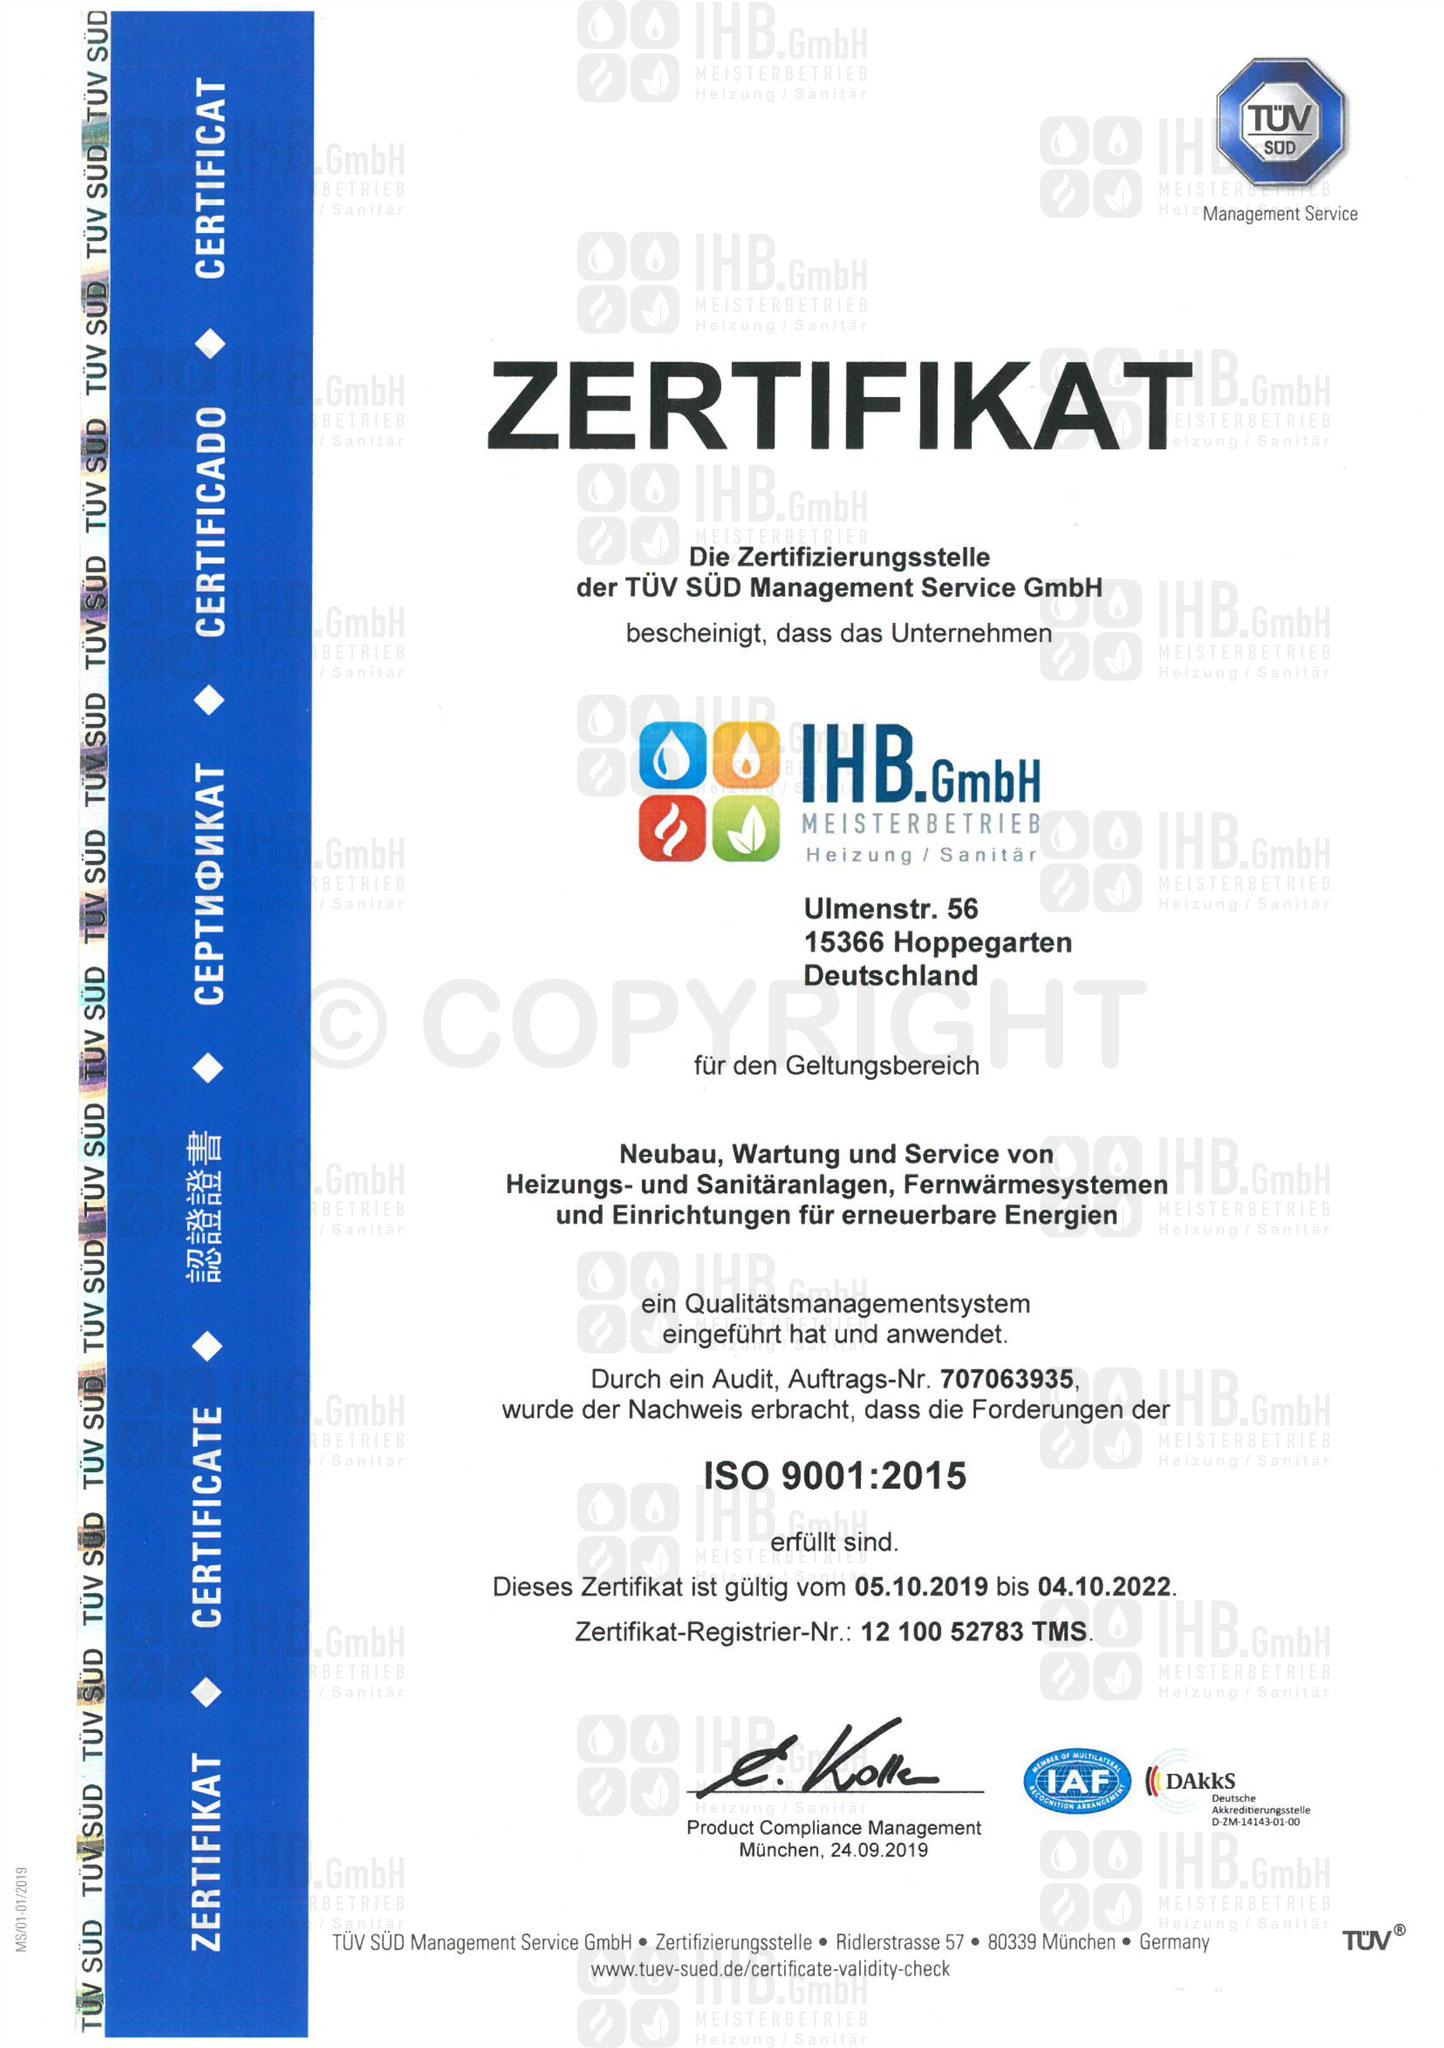 Zertifikat ISO 9001:2015 gültig bis 2022